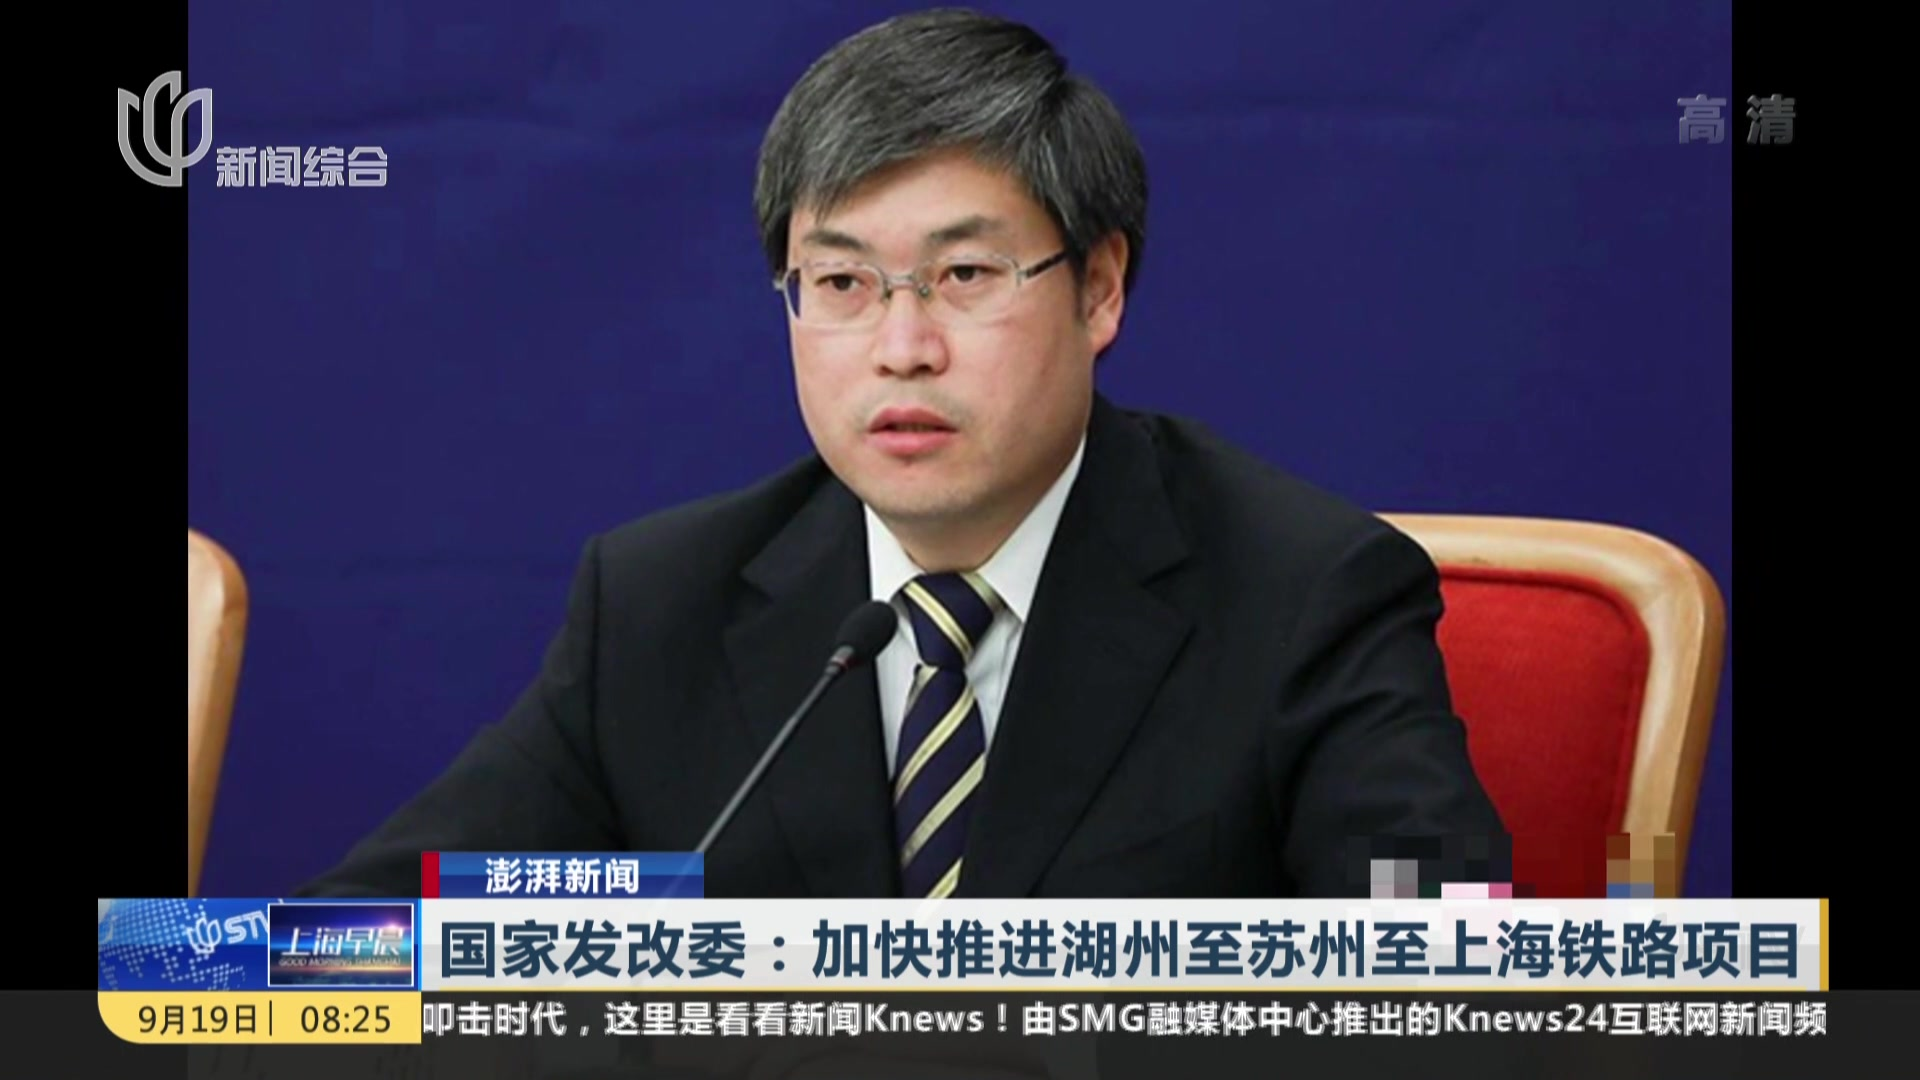 国家发改委:加快推进湖州至苏州至上海铁路项目